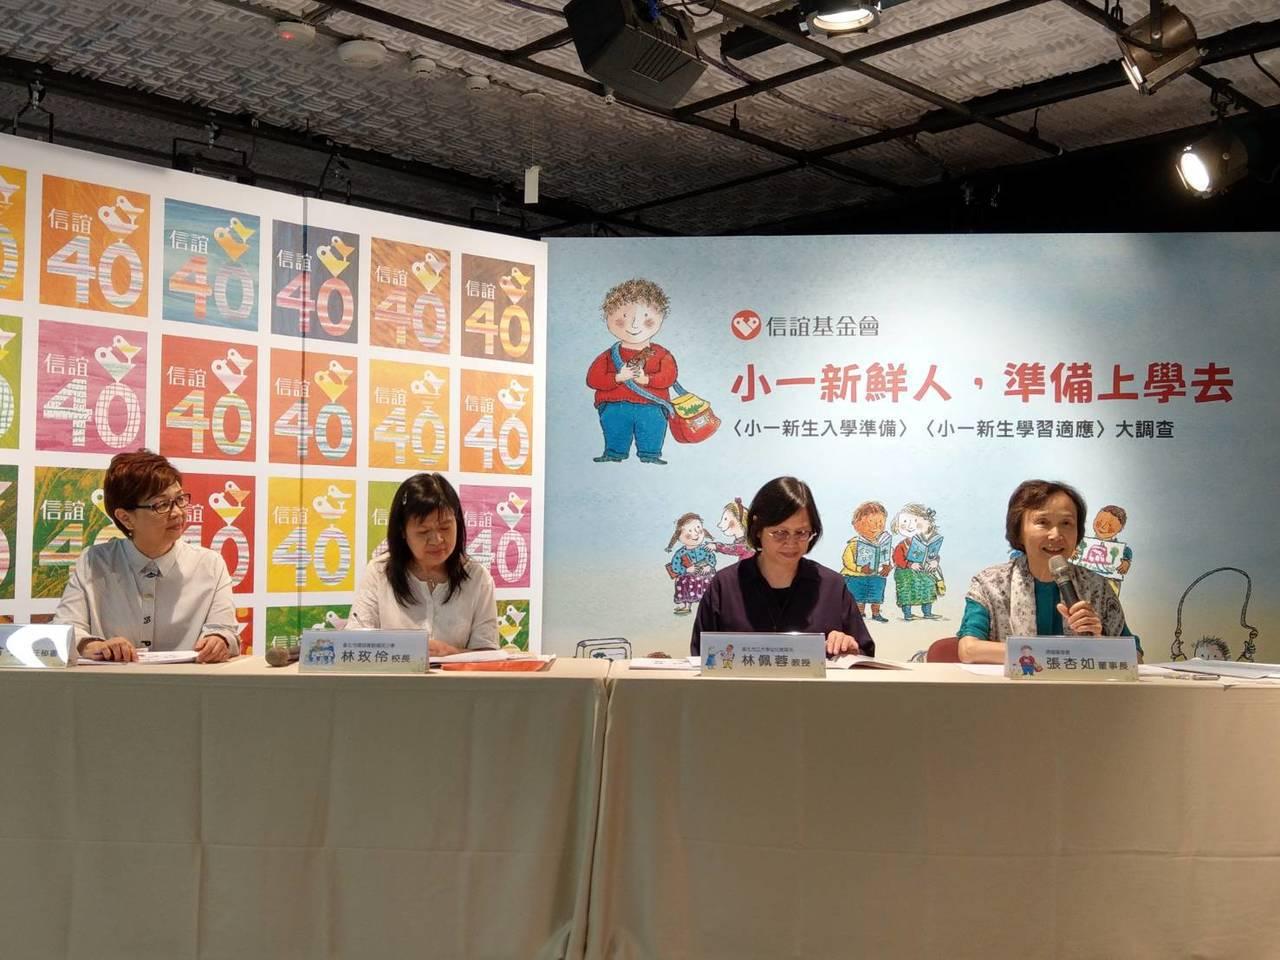 信誼基金會下午發表小一生入學準備、適應問卷調查結果,發現逾9成家長讓孩子提前學注...